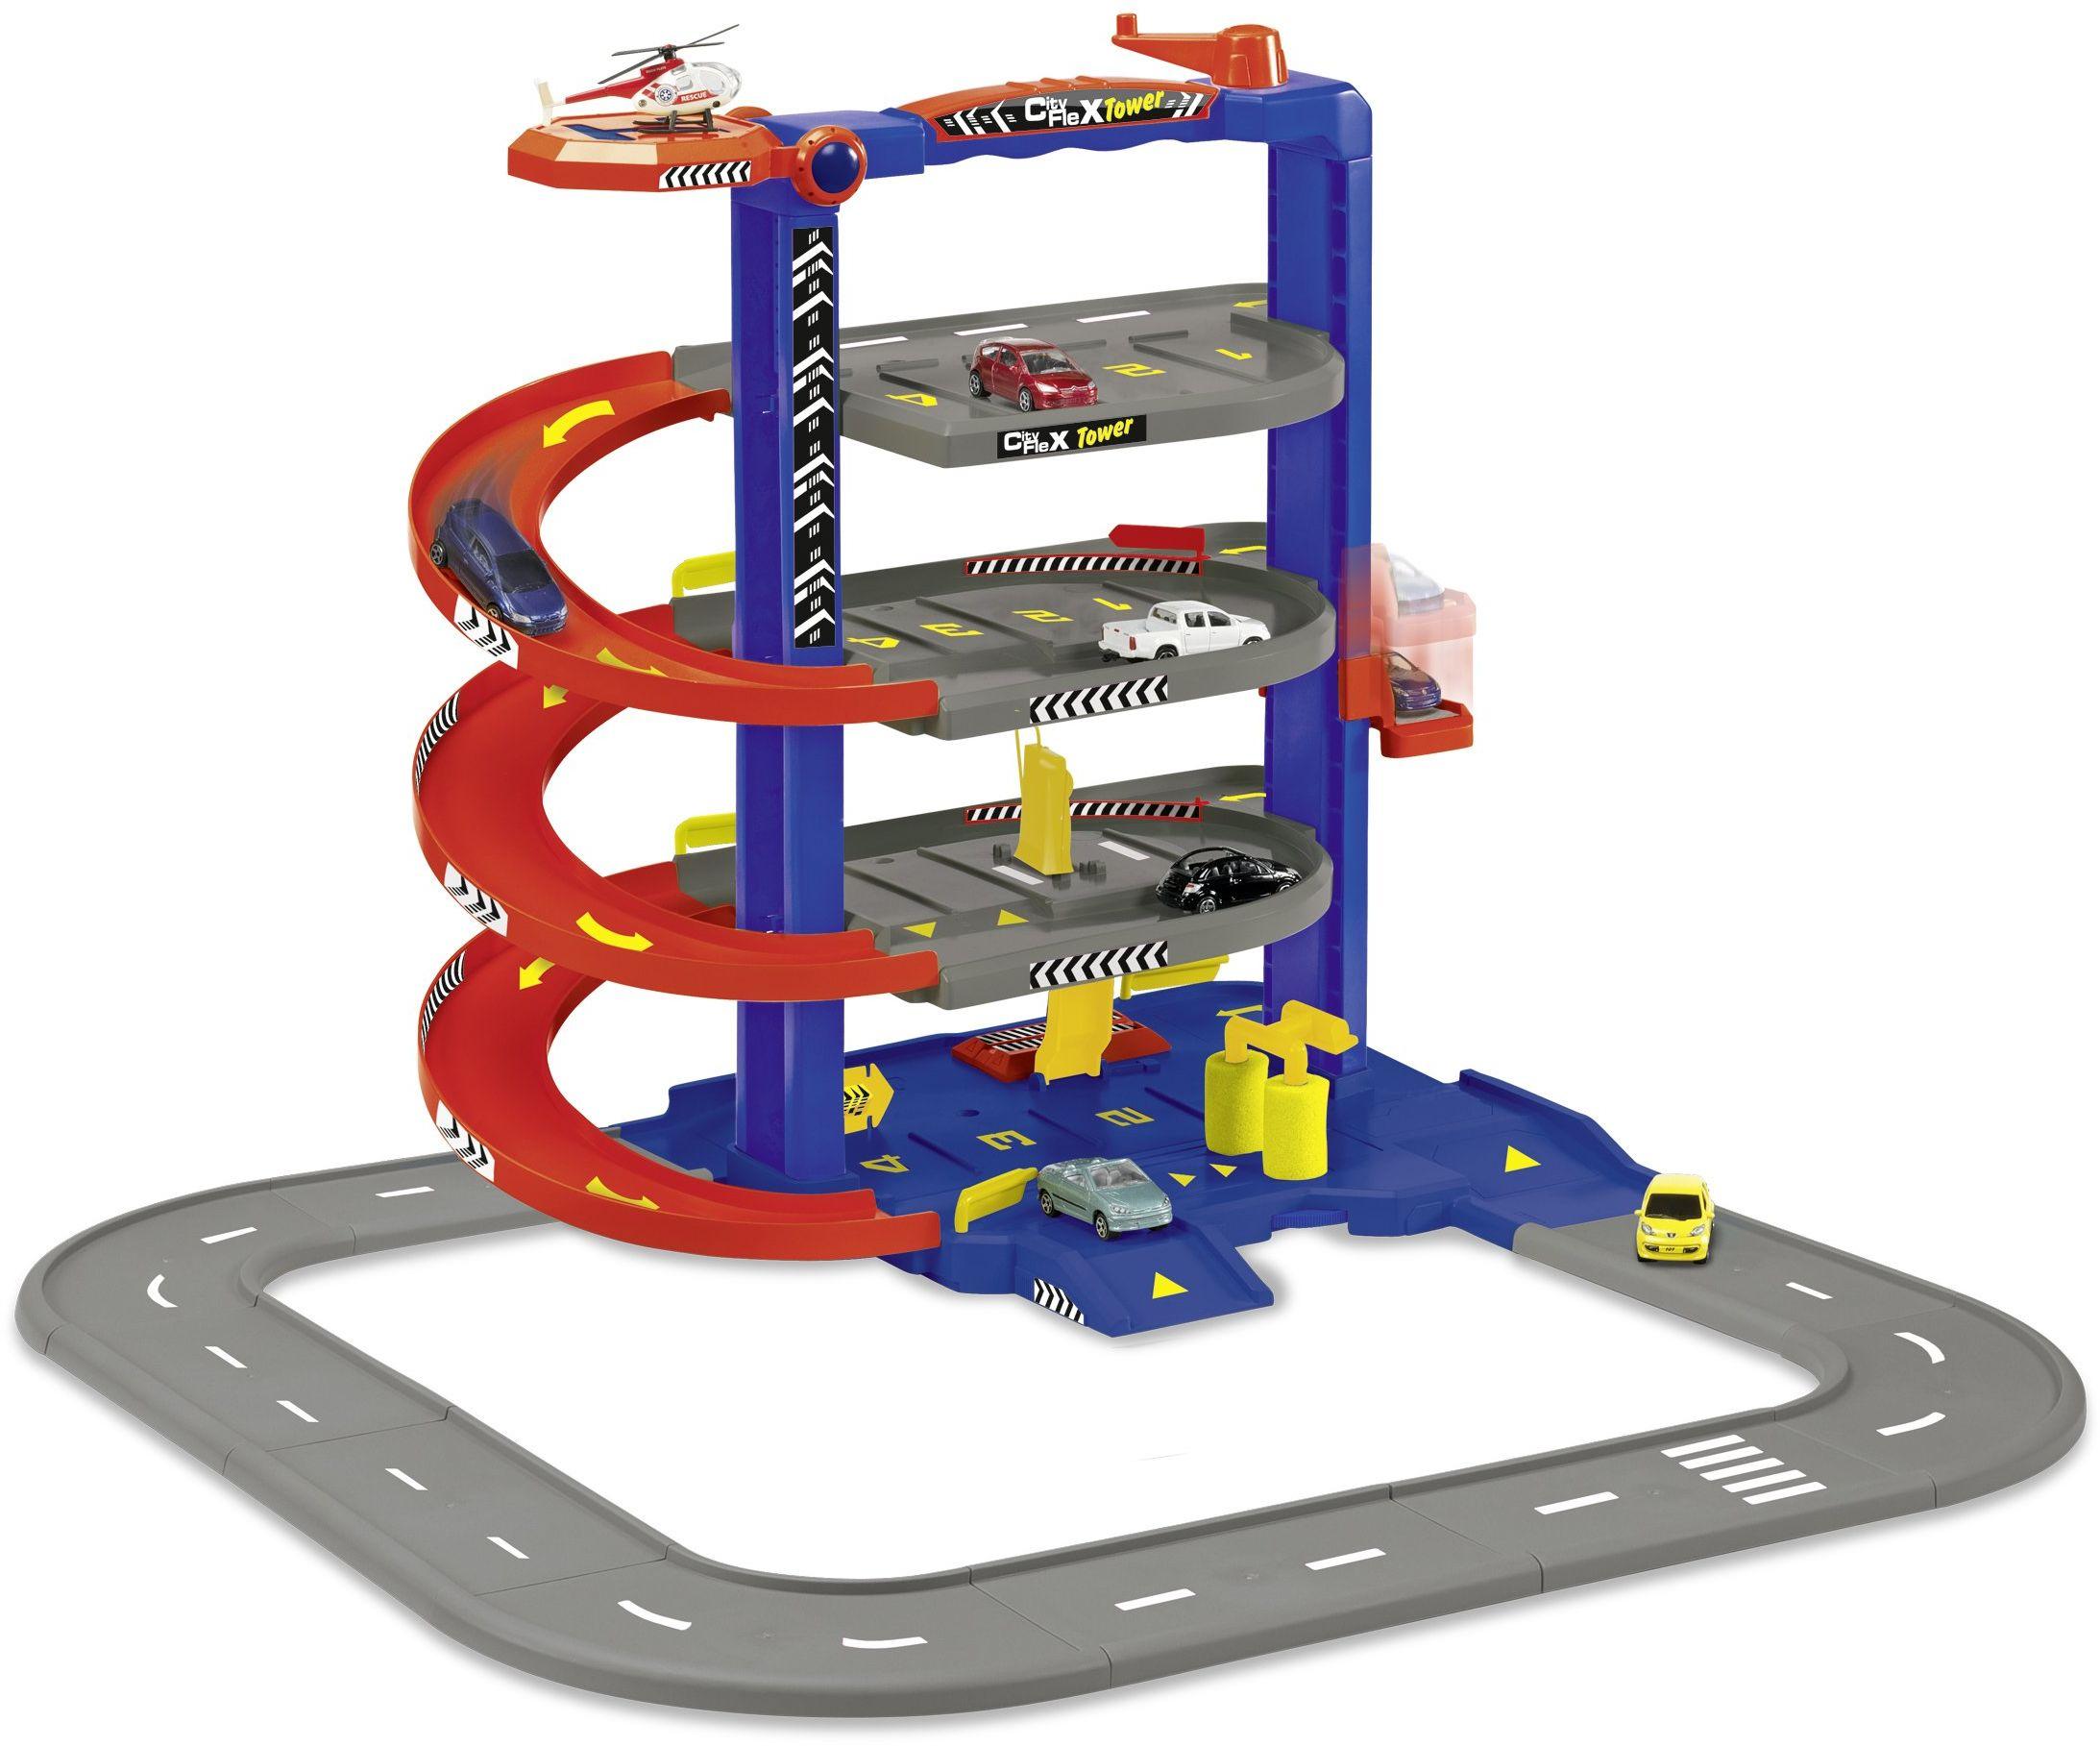 Majorette 212058390 - City Flex Tower z 1 samochodem, 70 x 71 x 53, czerwony/niebieski/szary